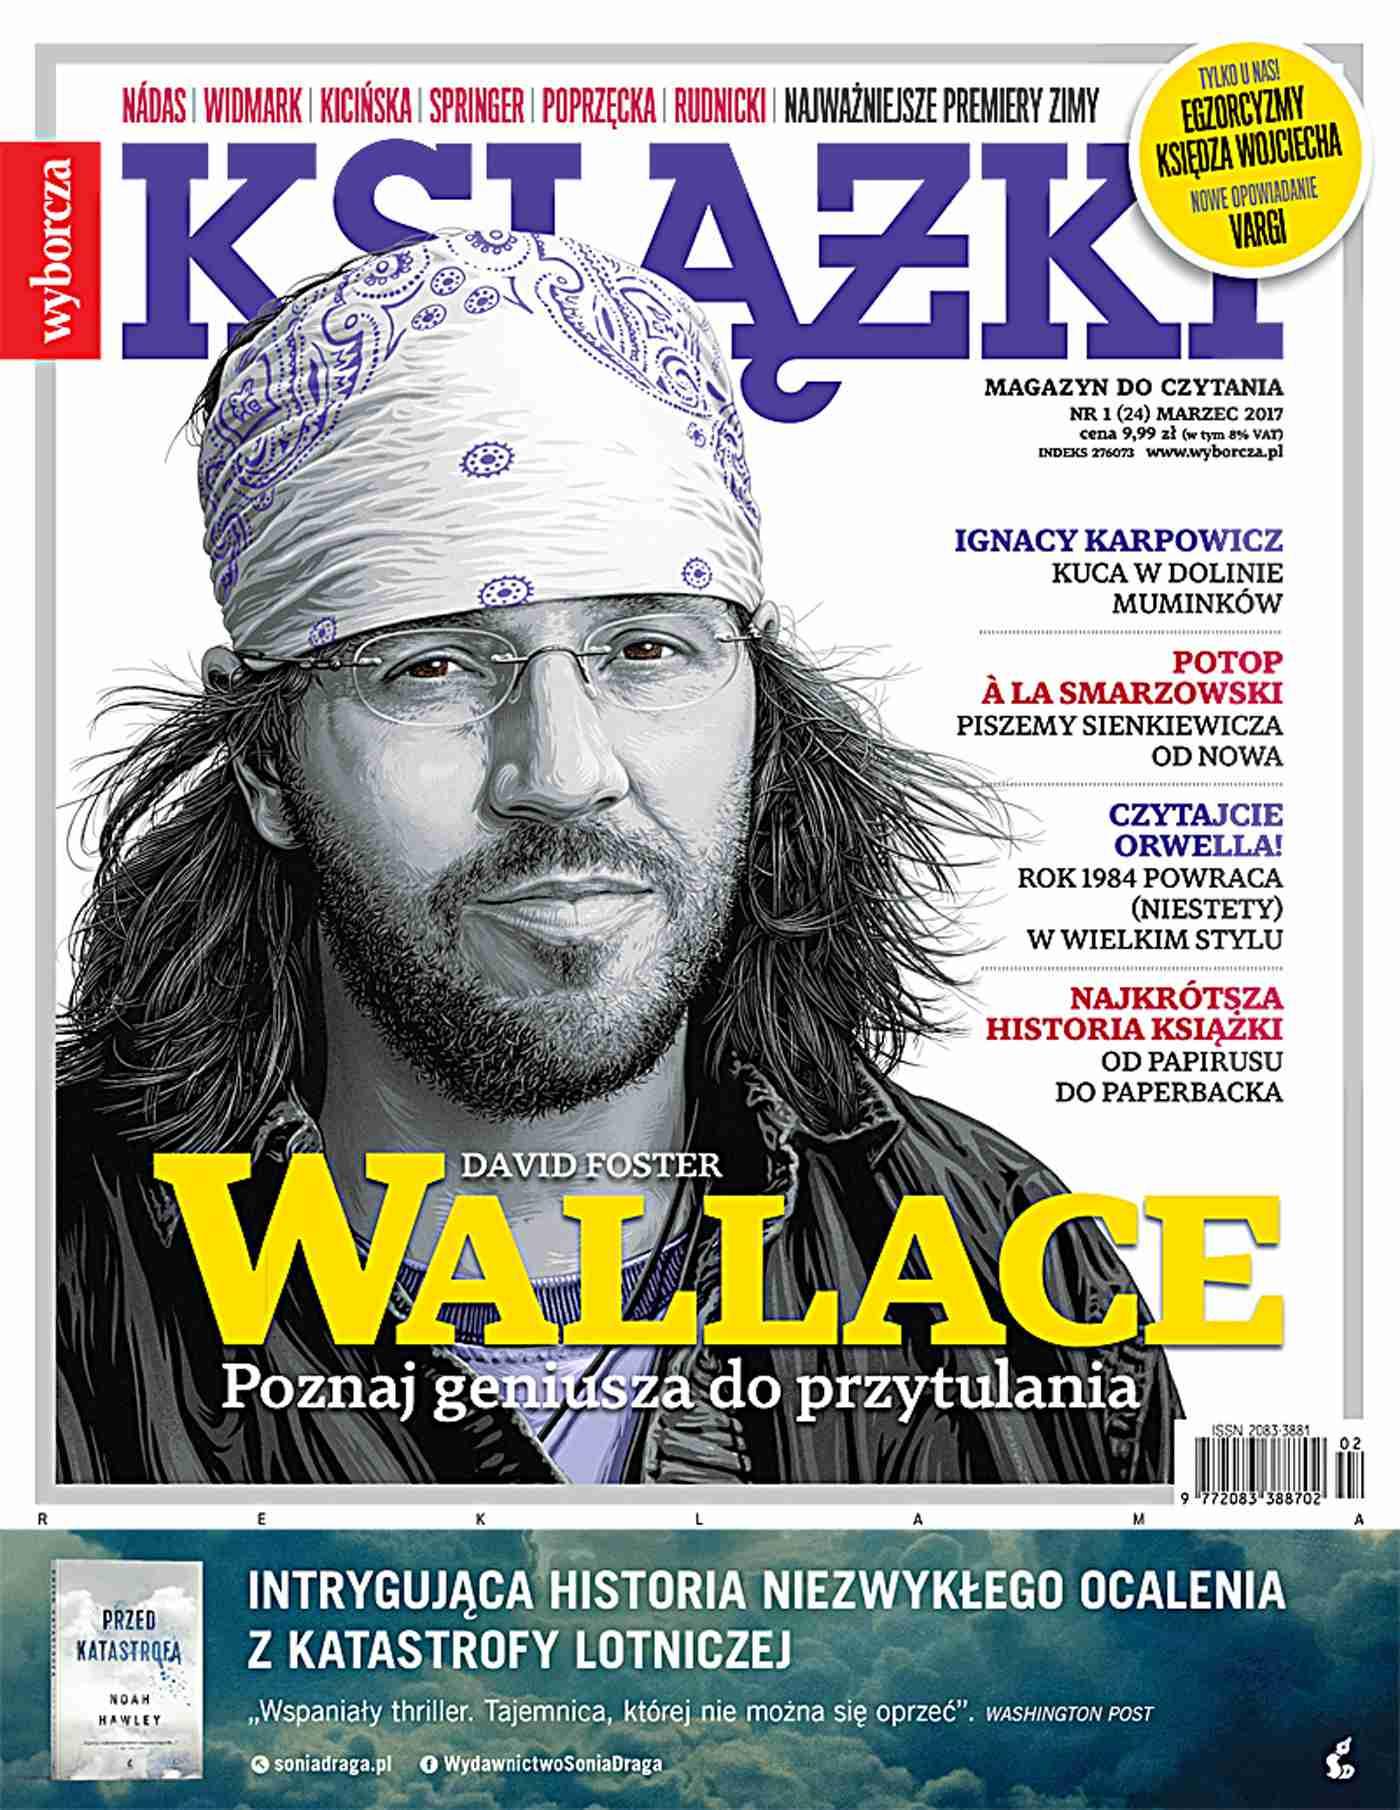 Książki. Magazyn do czytania 1/2017 - Ebook (Książka EPUB) do pobrania w formacie EPUB